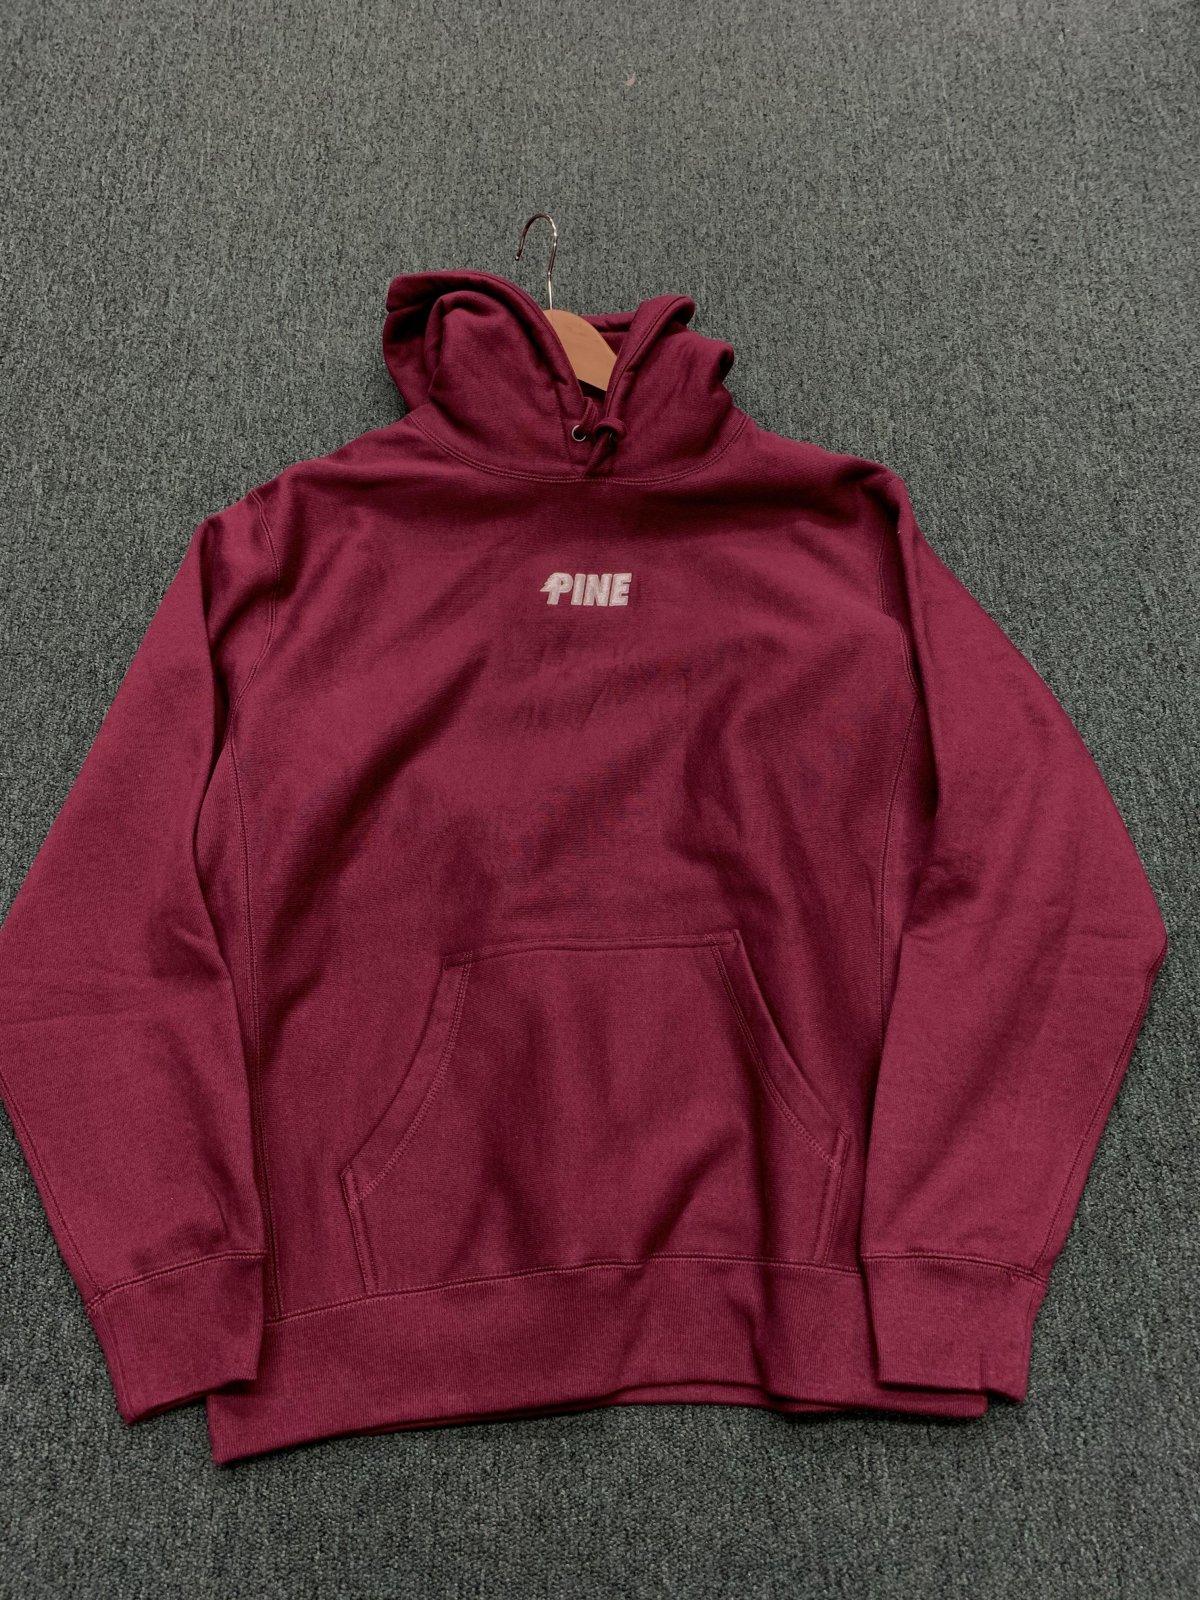 Pinewski's Premium Pine Hooded Sweatshirt